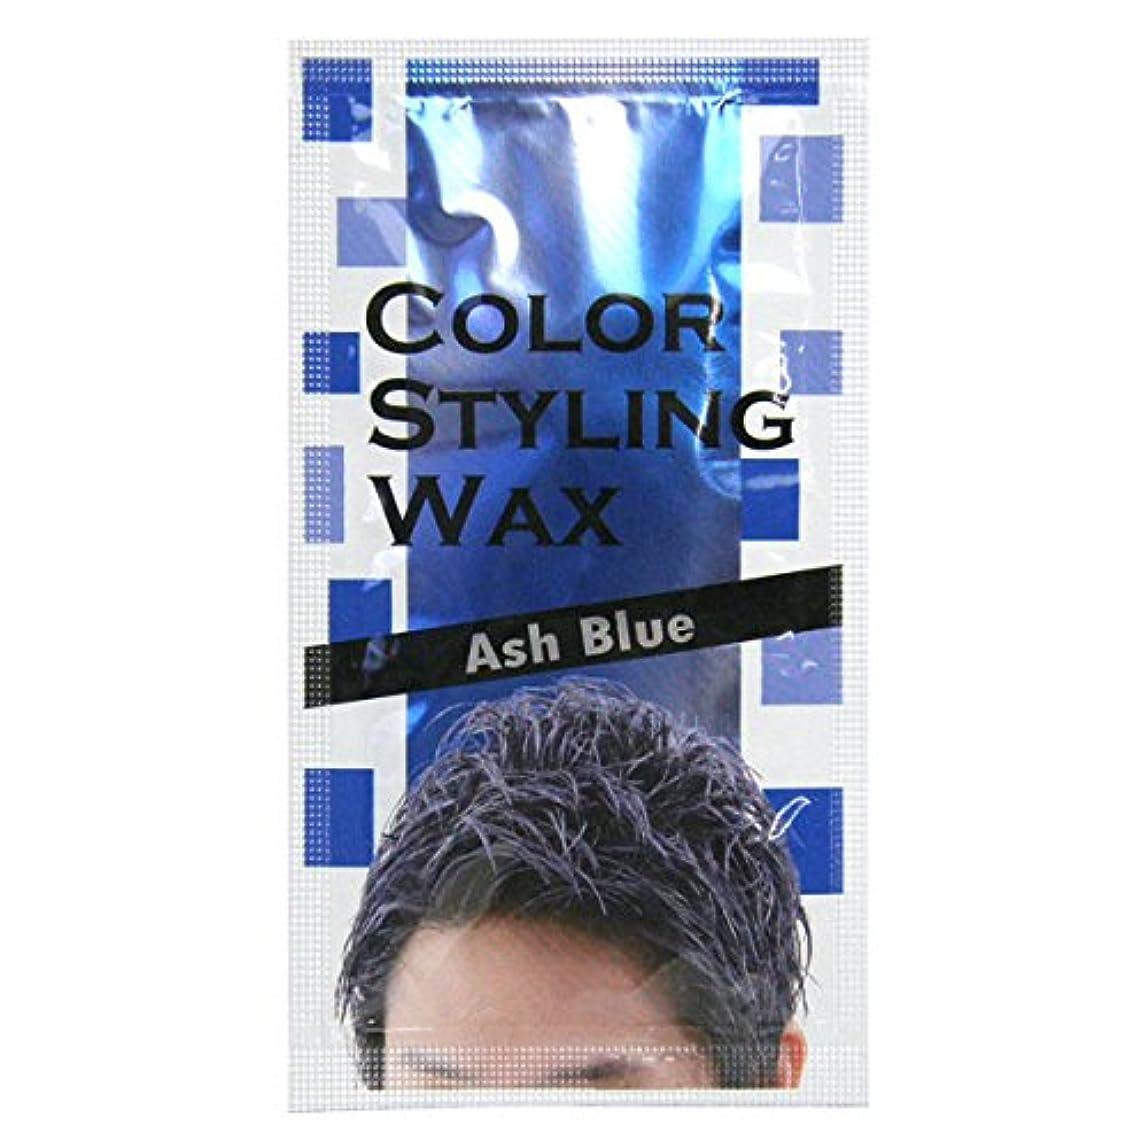 お気に入りエリートスポンジVINA カラースタイリングワックス ブルー